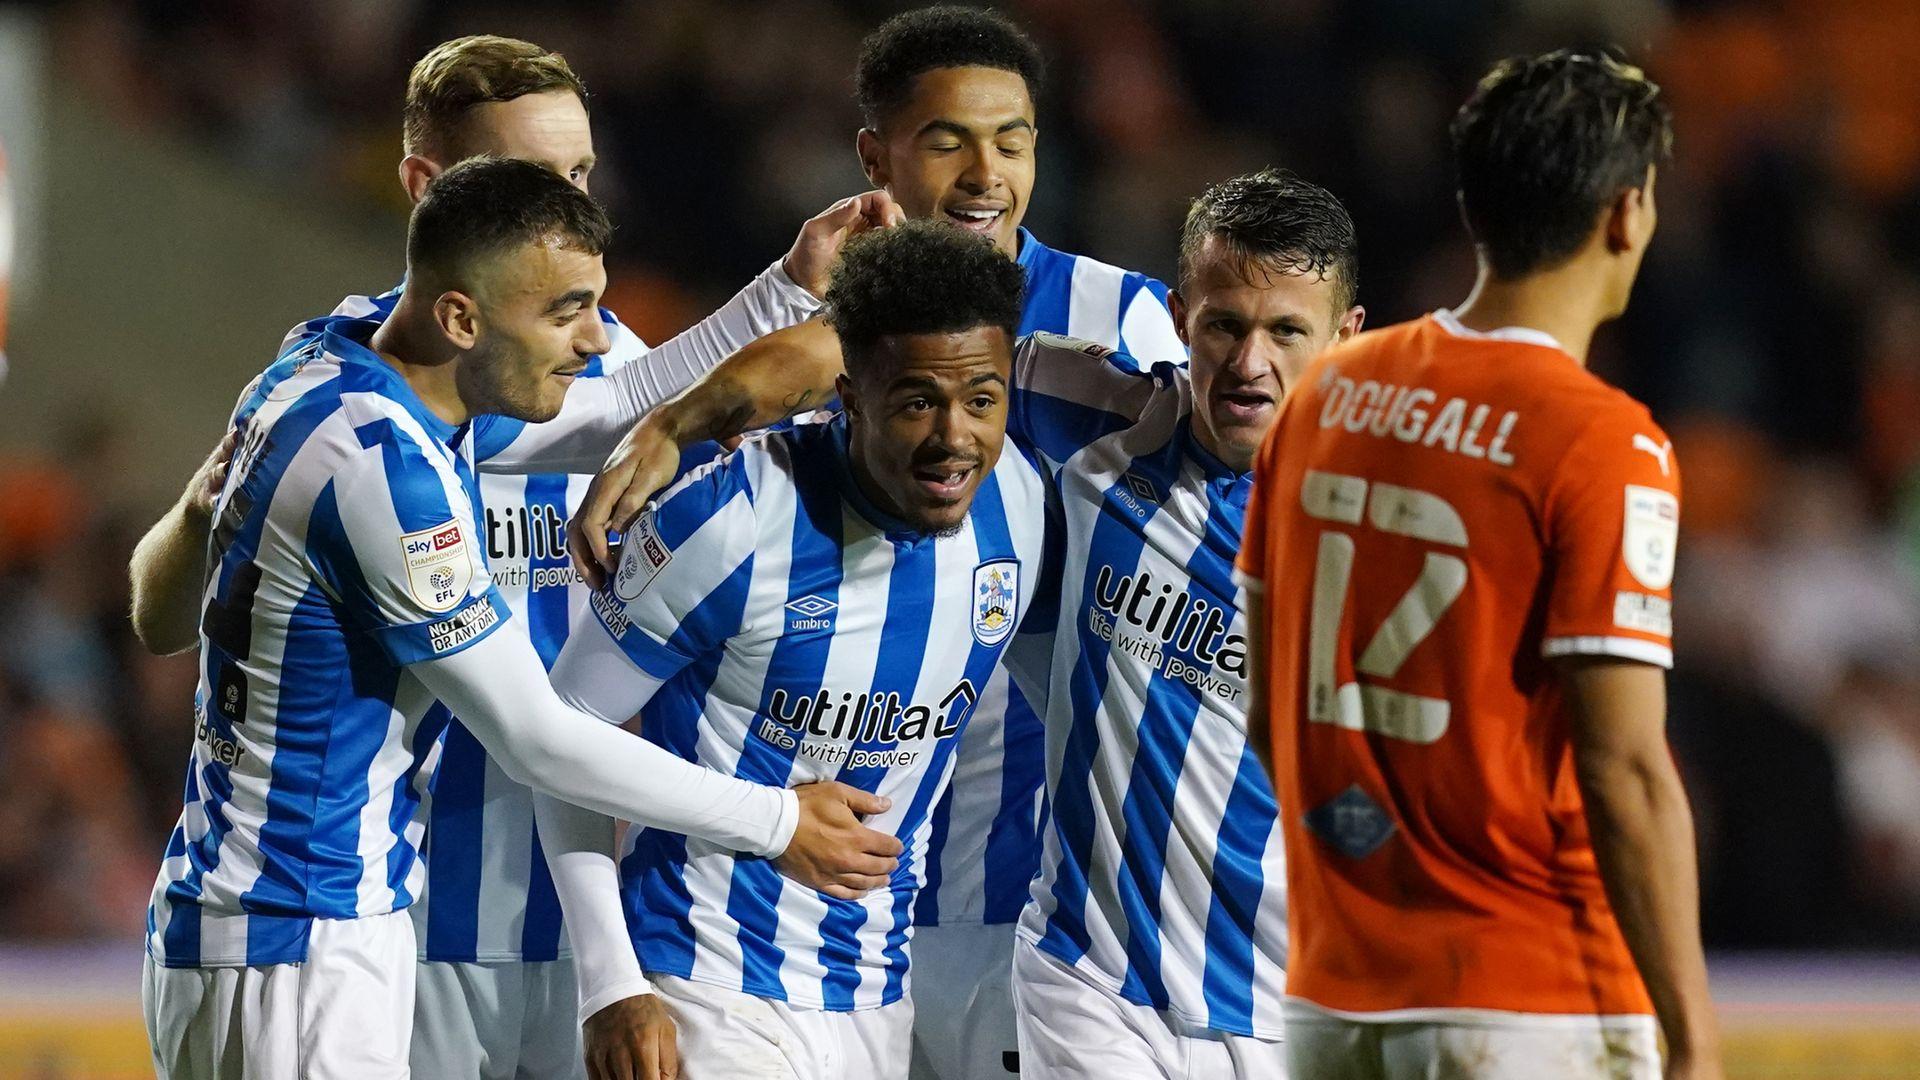 Huddersfield cruise past Blackpool